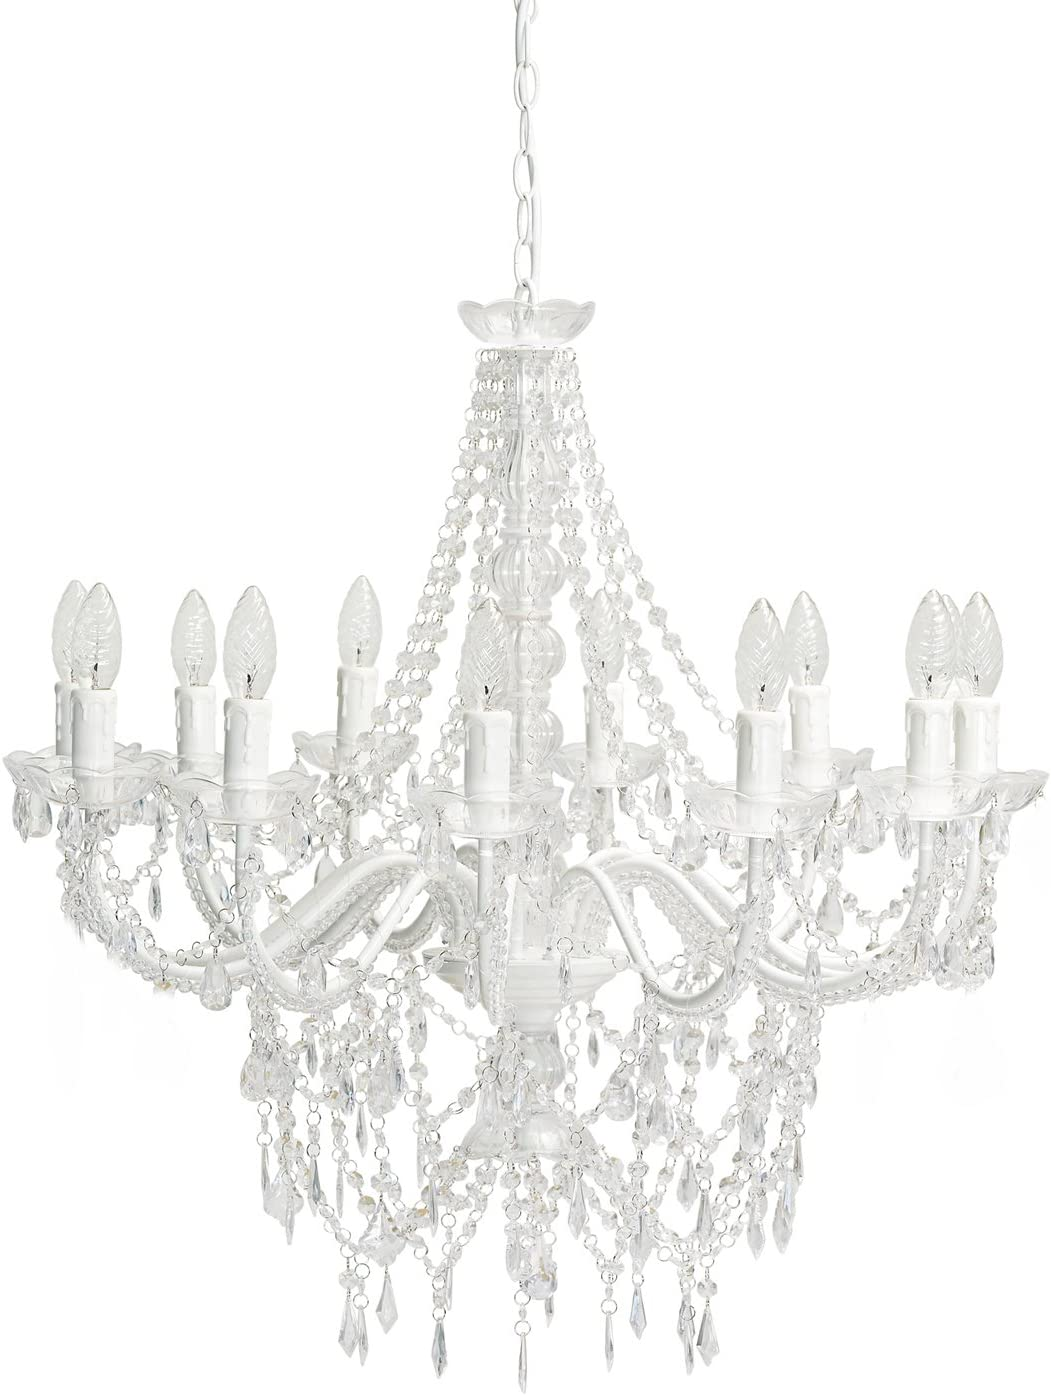 Großer 12-armiger Kronleuchter weiß mit Kristallen H70cm: Amazon.de: Beleuchtung - Kronleuchter